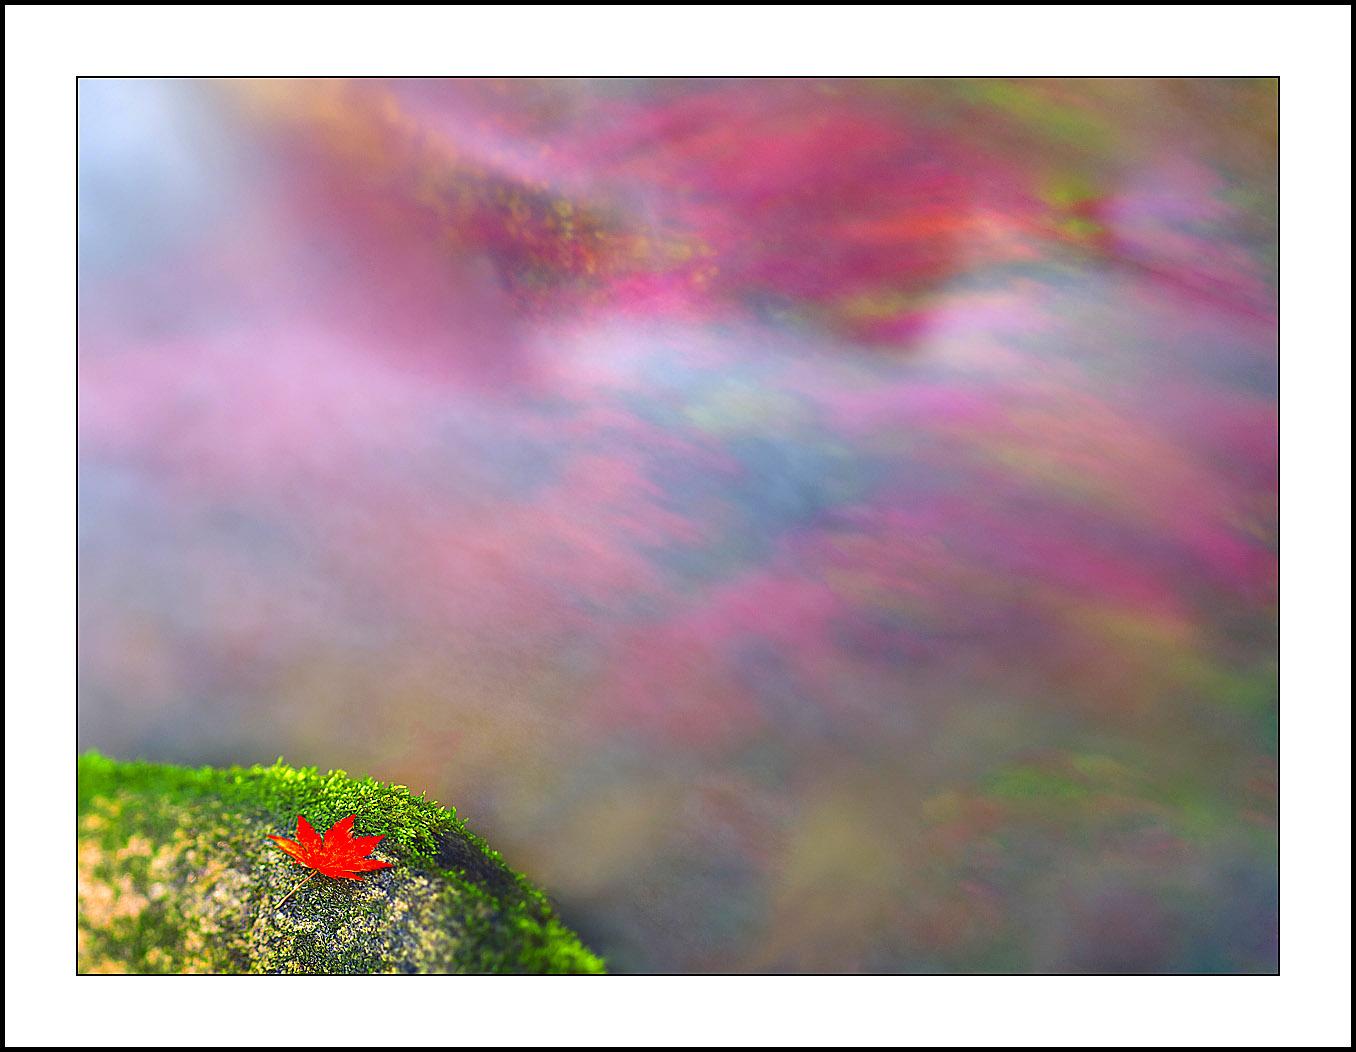 平安A作品:飘零的红叶(一)